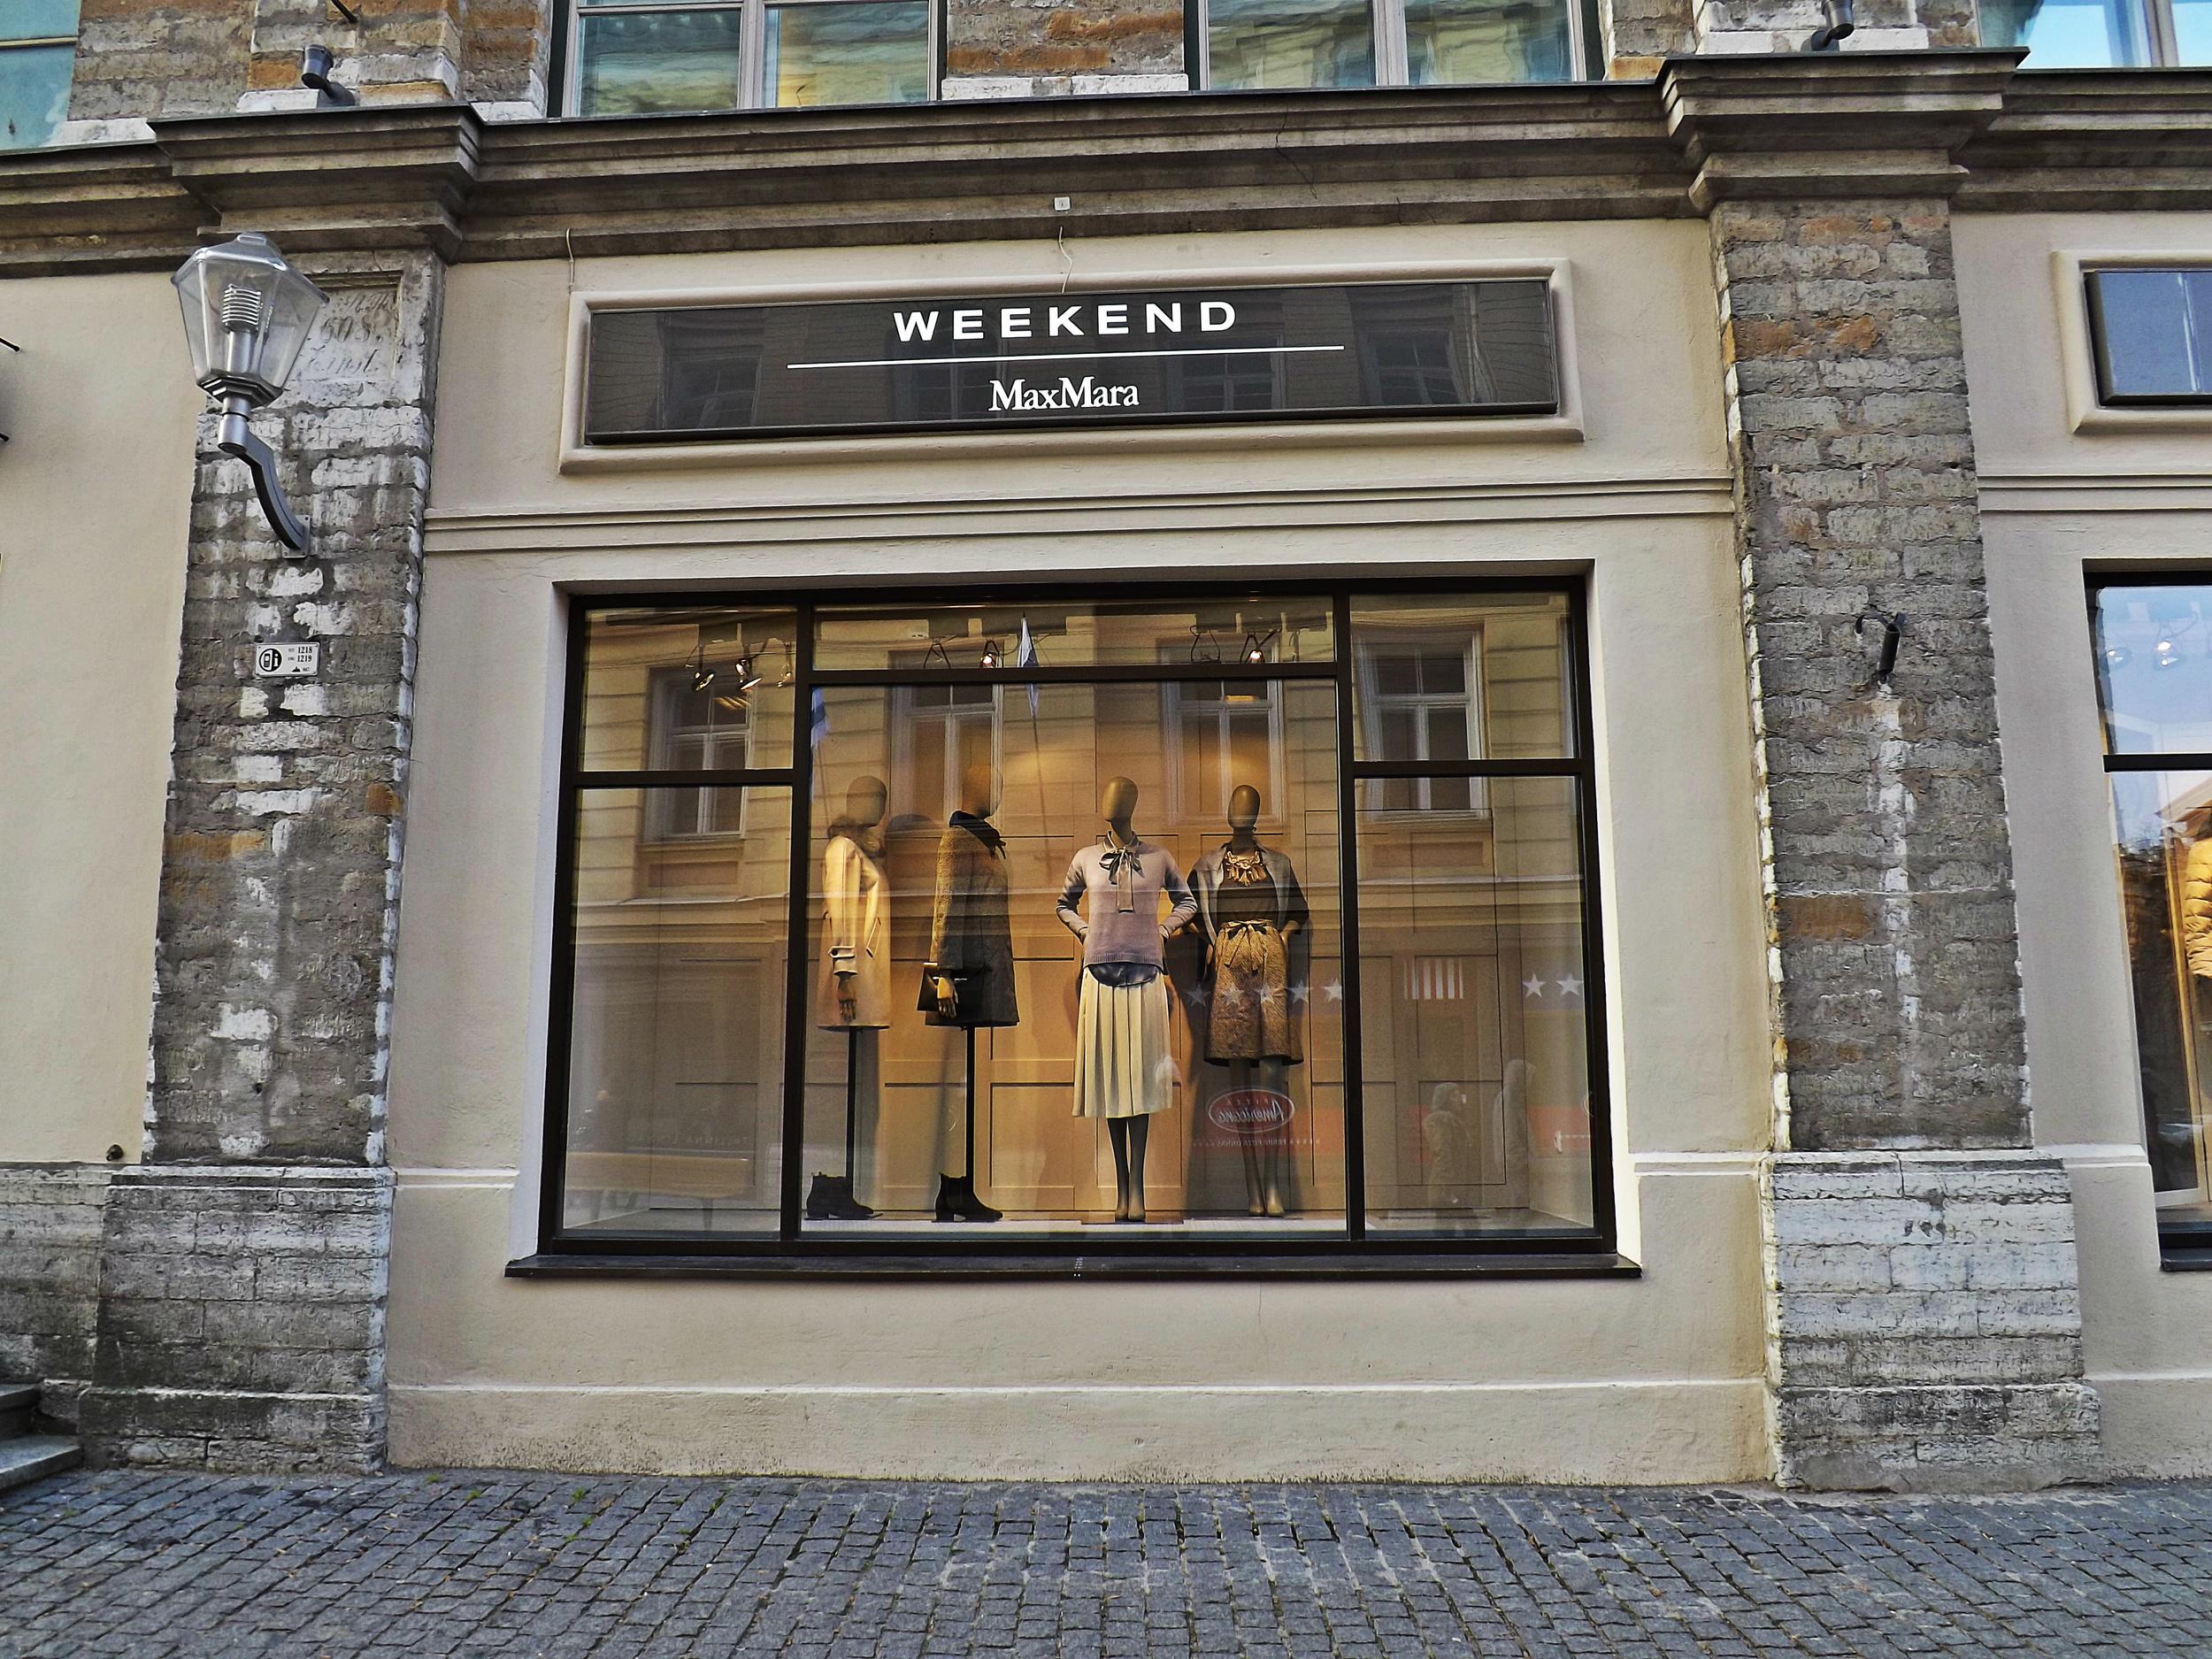 Weekend MaxMara | Tall GIrl Meets World